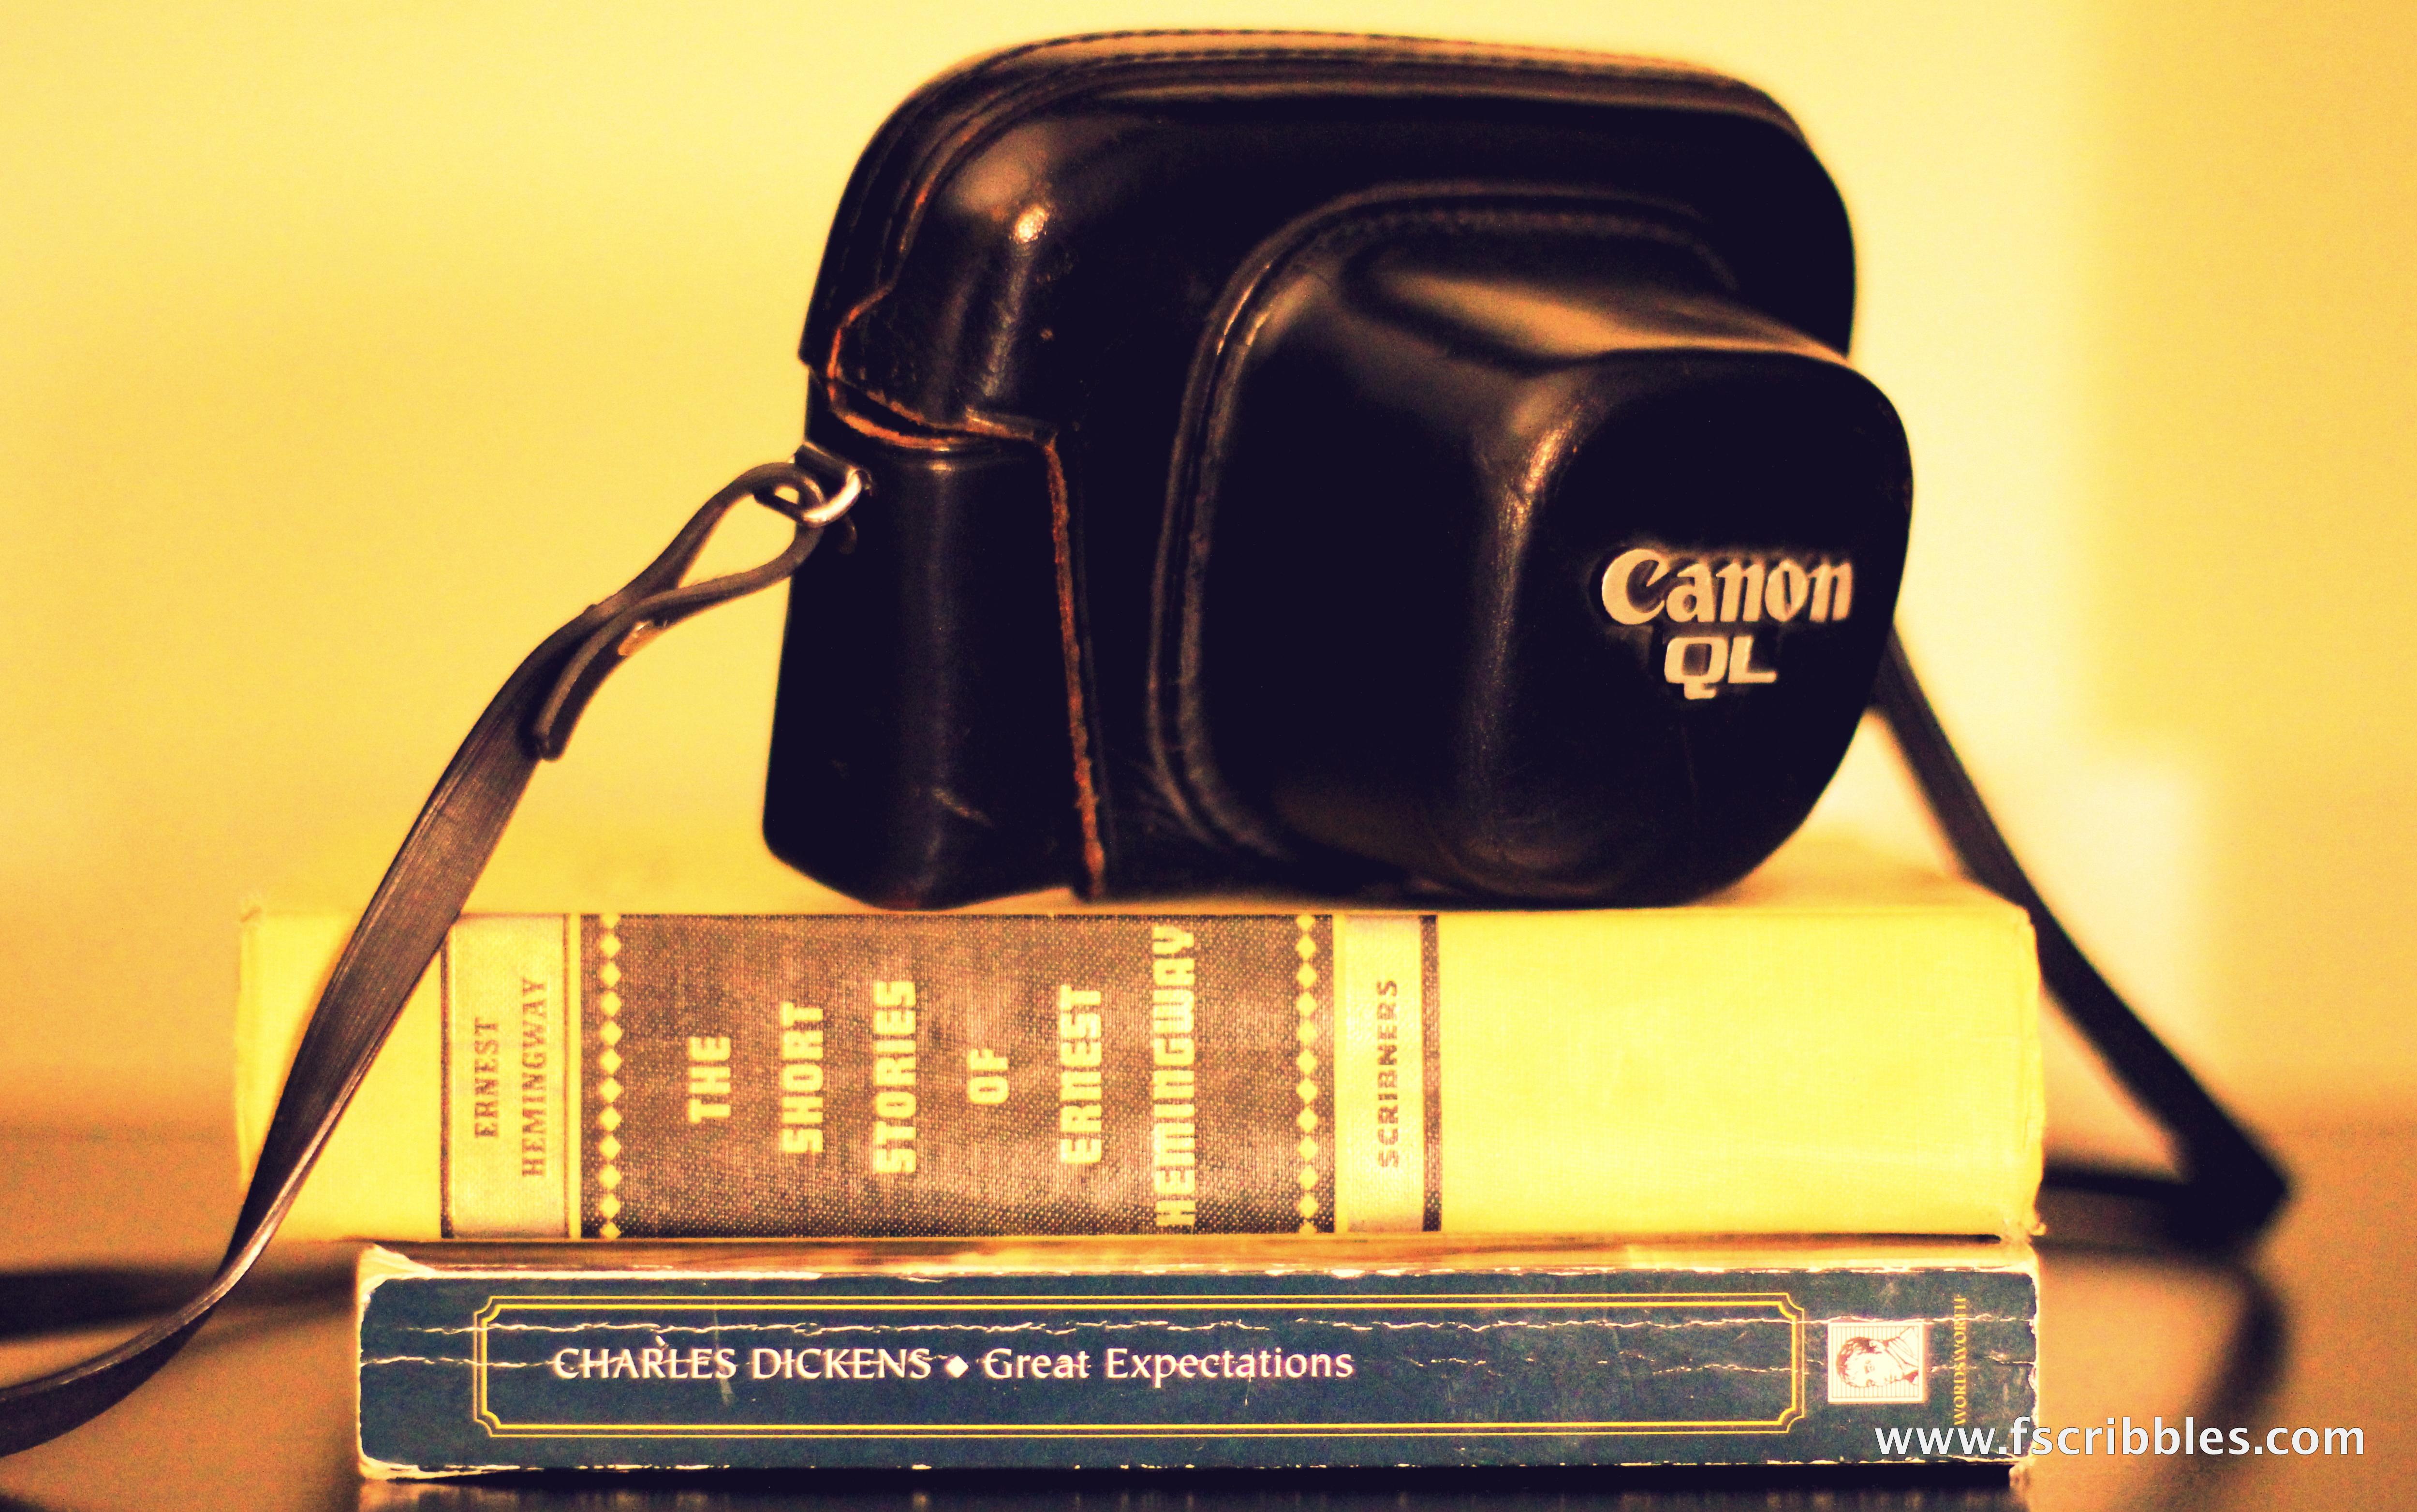 Canon QL Fatmah